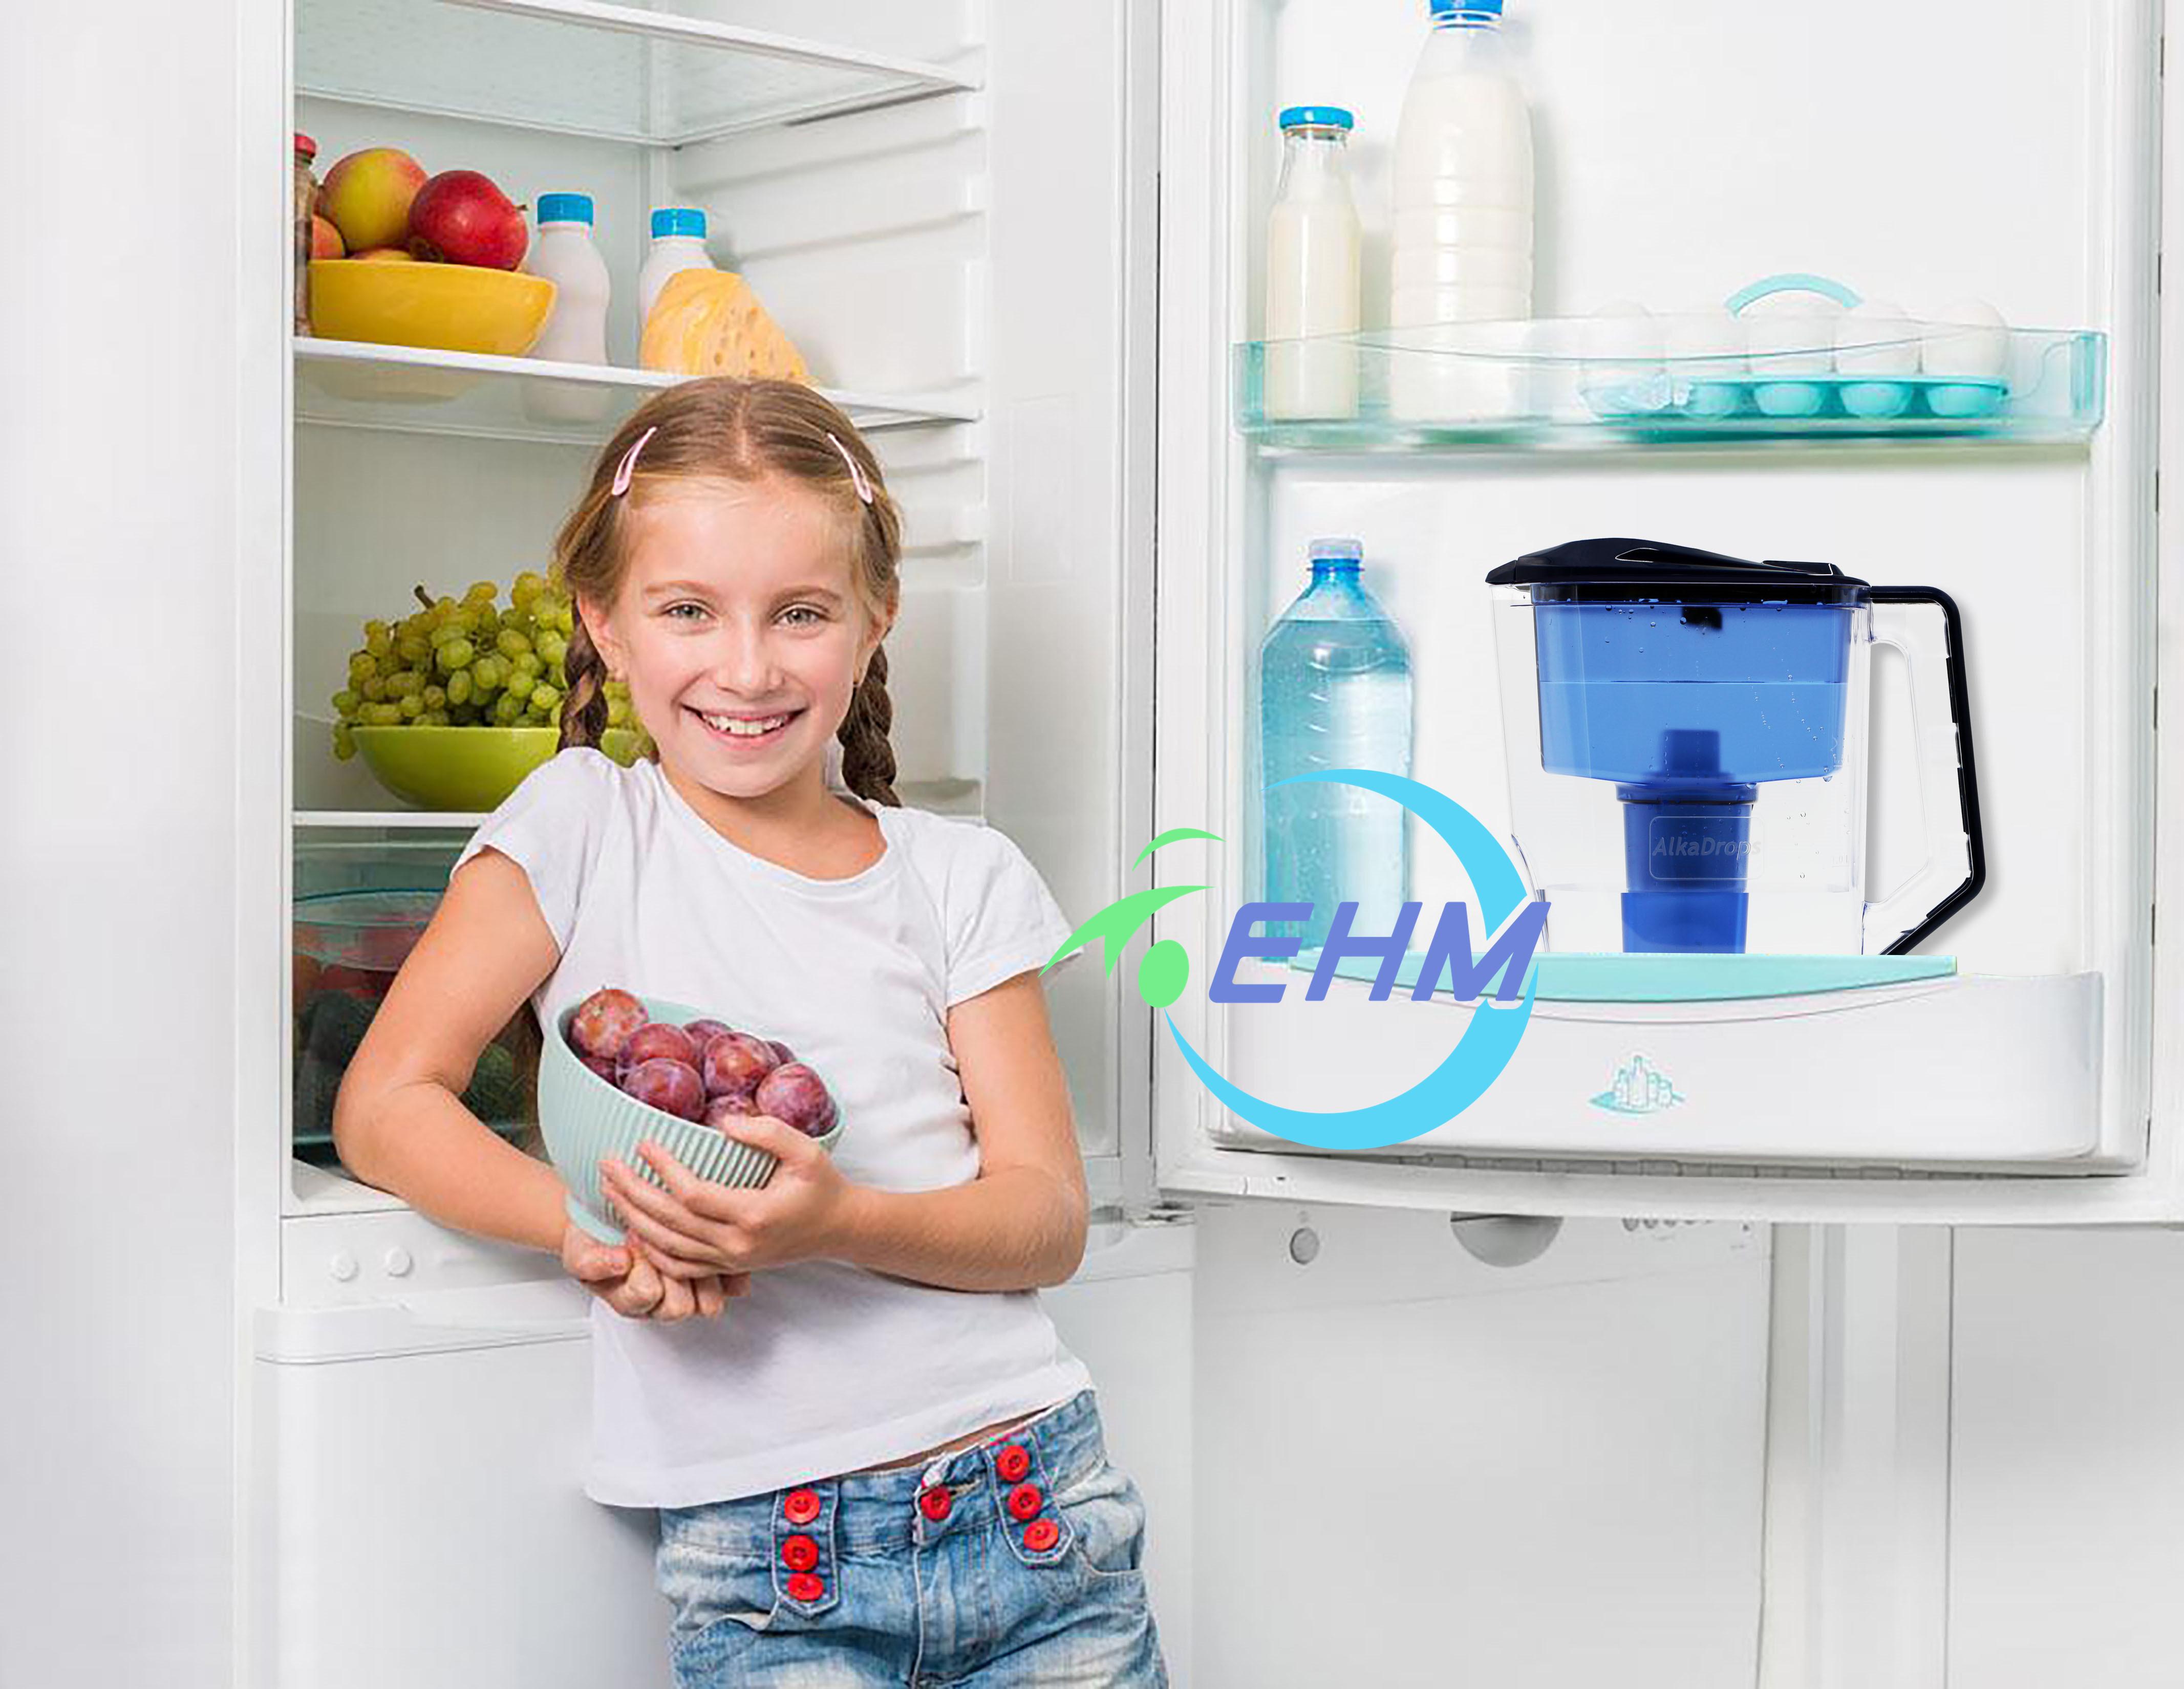 Кувшин для щелочной воды, кувшин для фильтрации чистой воды, высокое качество, без БФА, пластиковый кувшин для фильтрации воды л